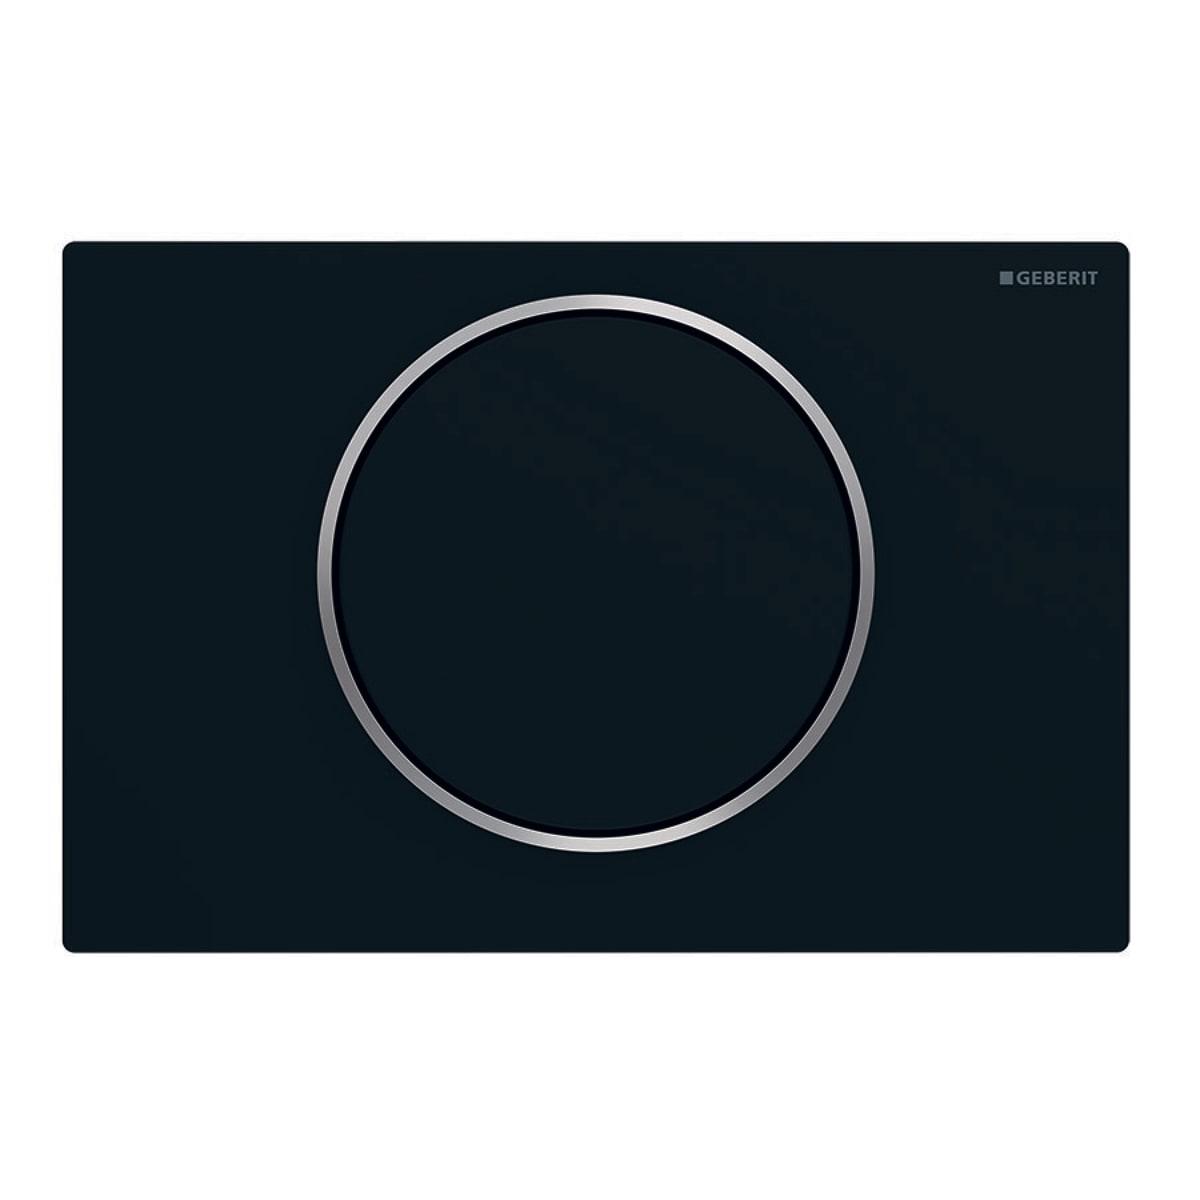 Geberit Sigma 10 bedieningsplaat RVS mat zwart t.b.v. UP300/320/700/720